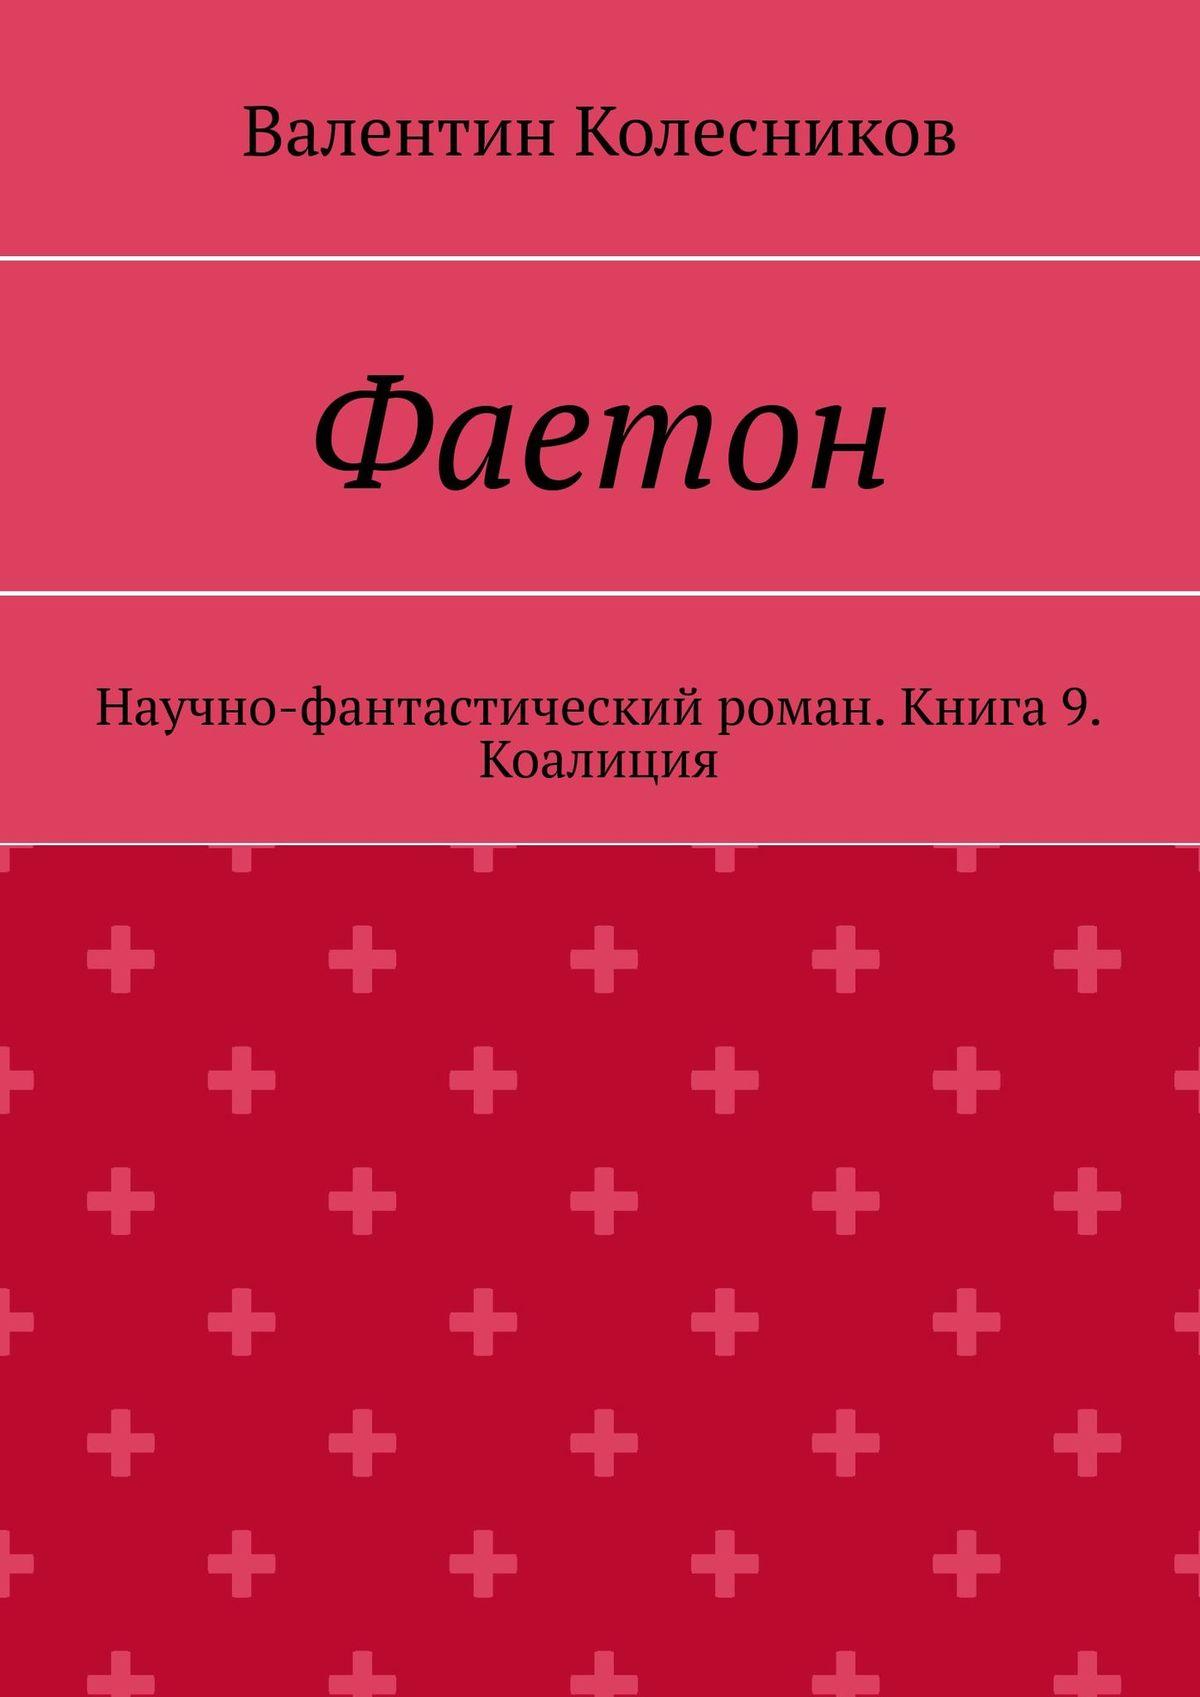 Валентин Колесников - Фаетон. Научно-фантастический роман. Книга 9. Коалиция